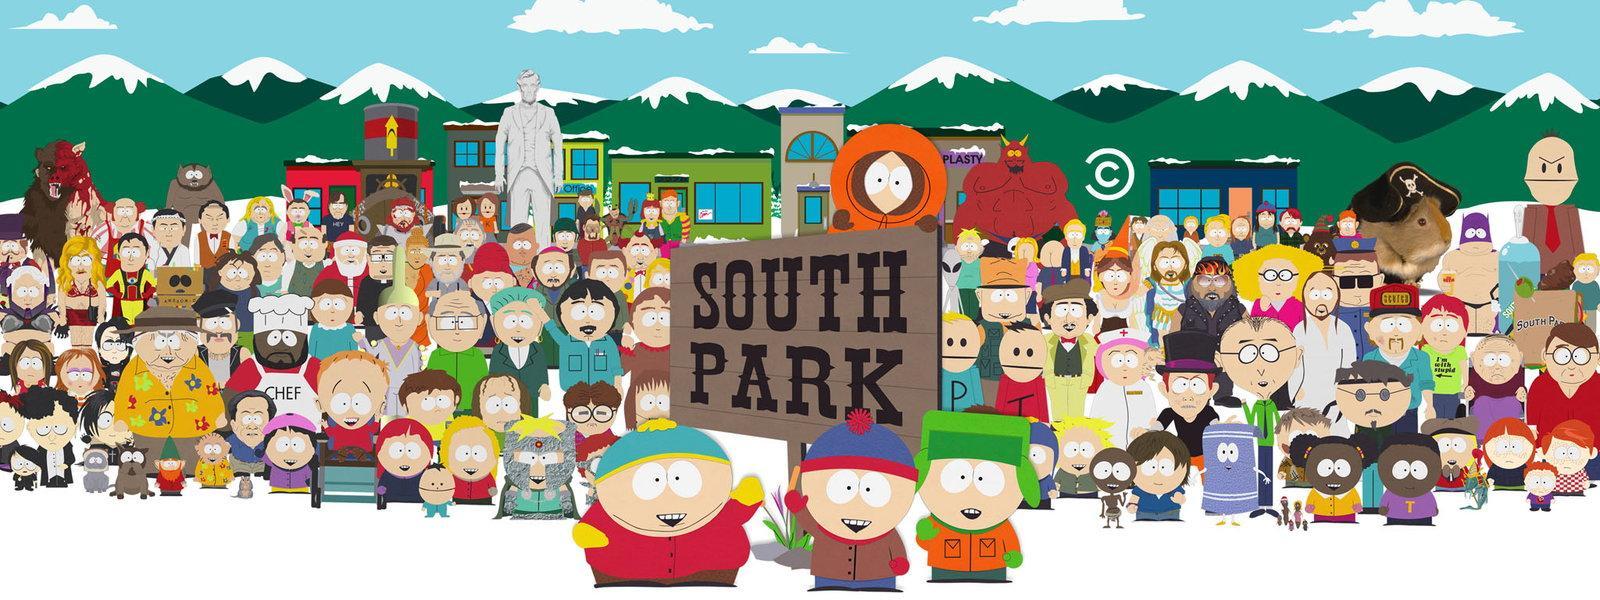 South Park mejores episodios